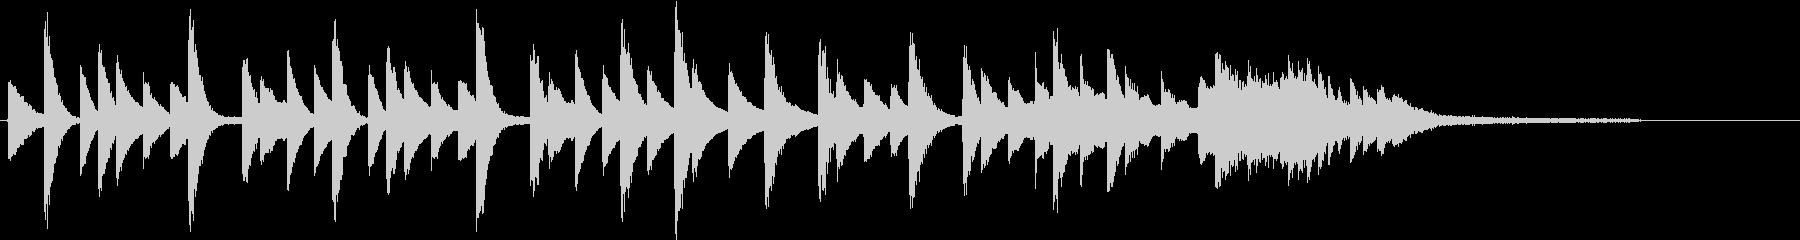 四季より「春」モチーフのピアノジングルCの未再生の波形